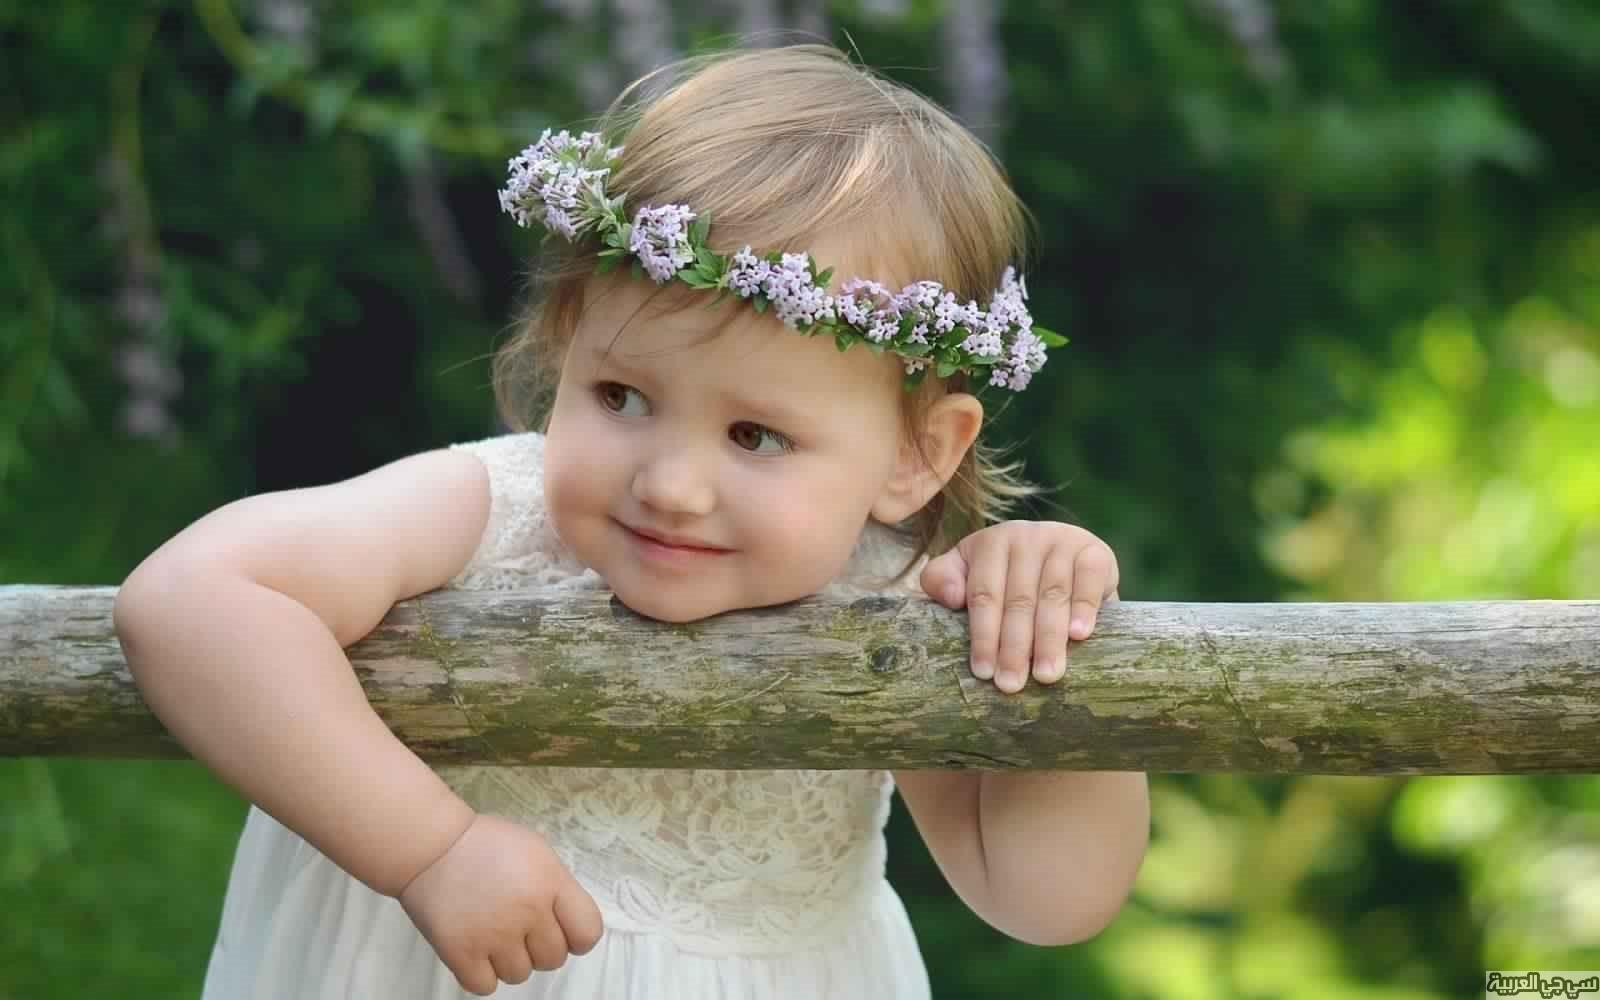 صوره صور اطفال جديده , اطفال تهبل ربنا يرزق الجميع مثلهم